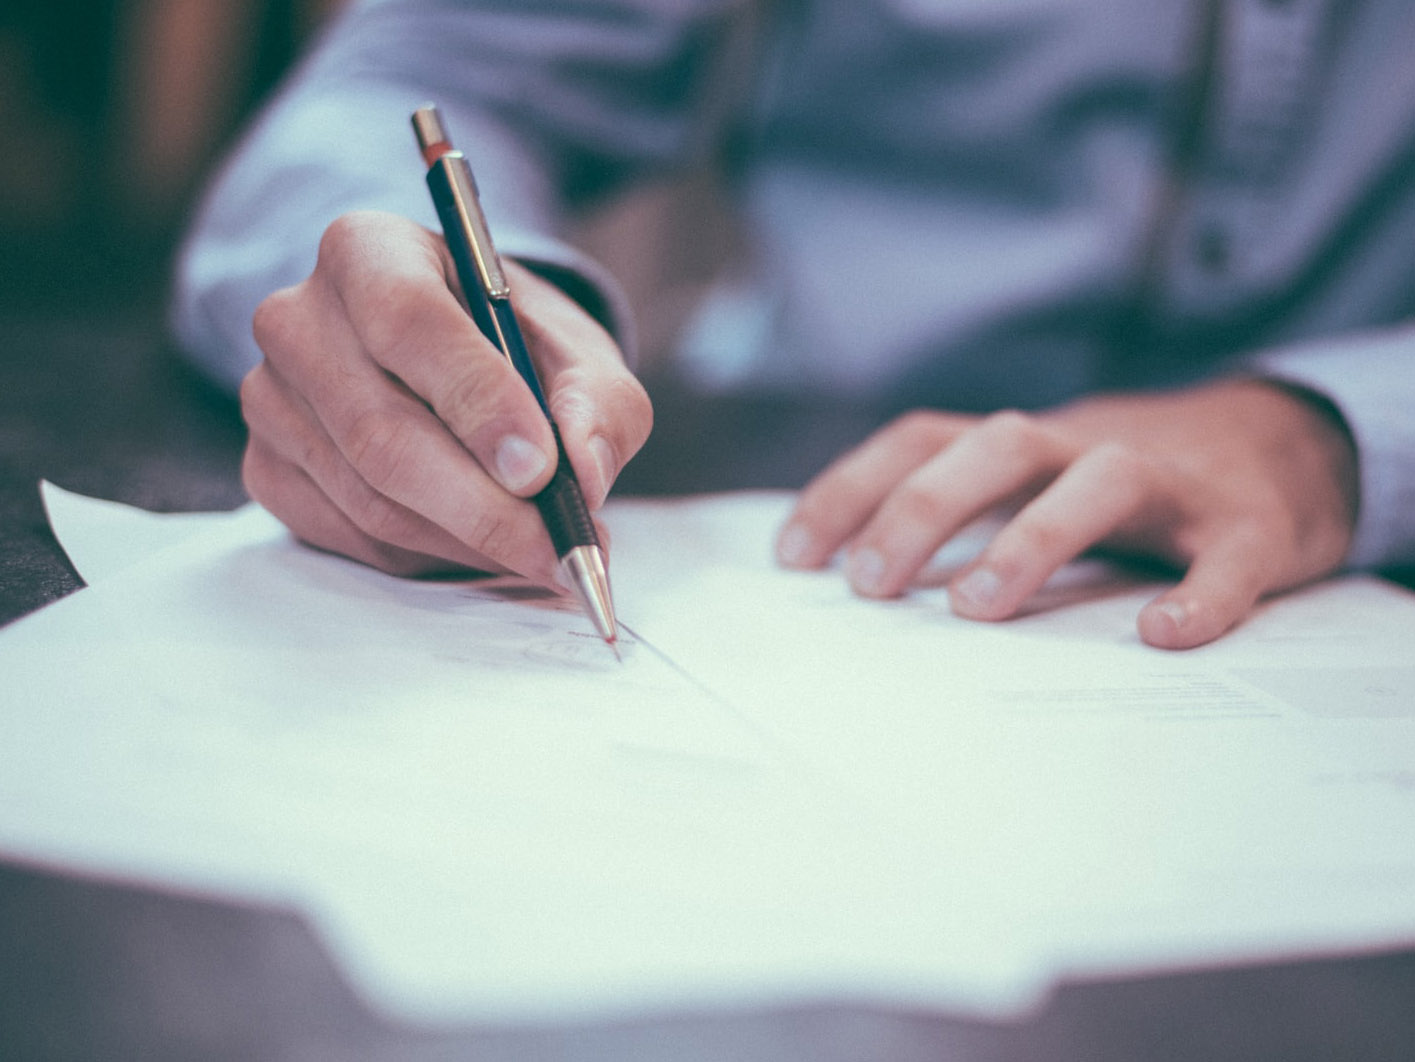 Mann schribt mit Stift auf weißem Papier